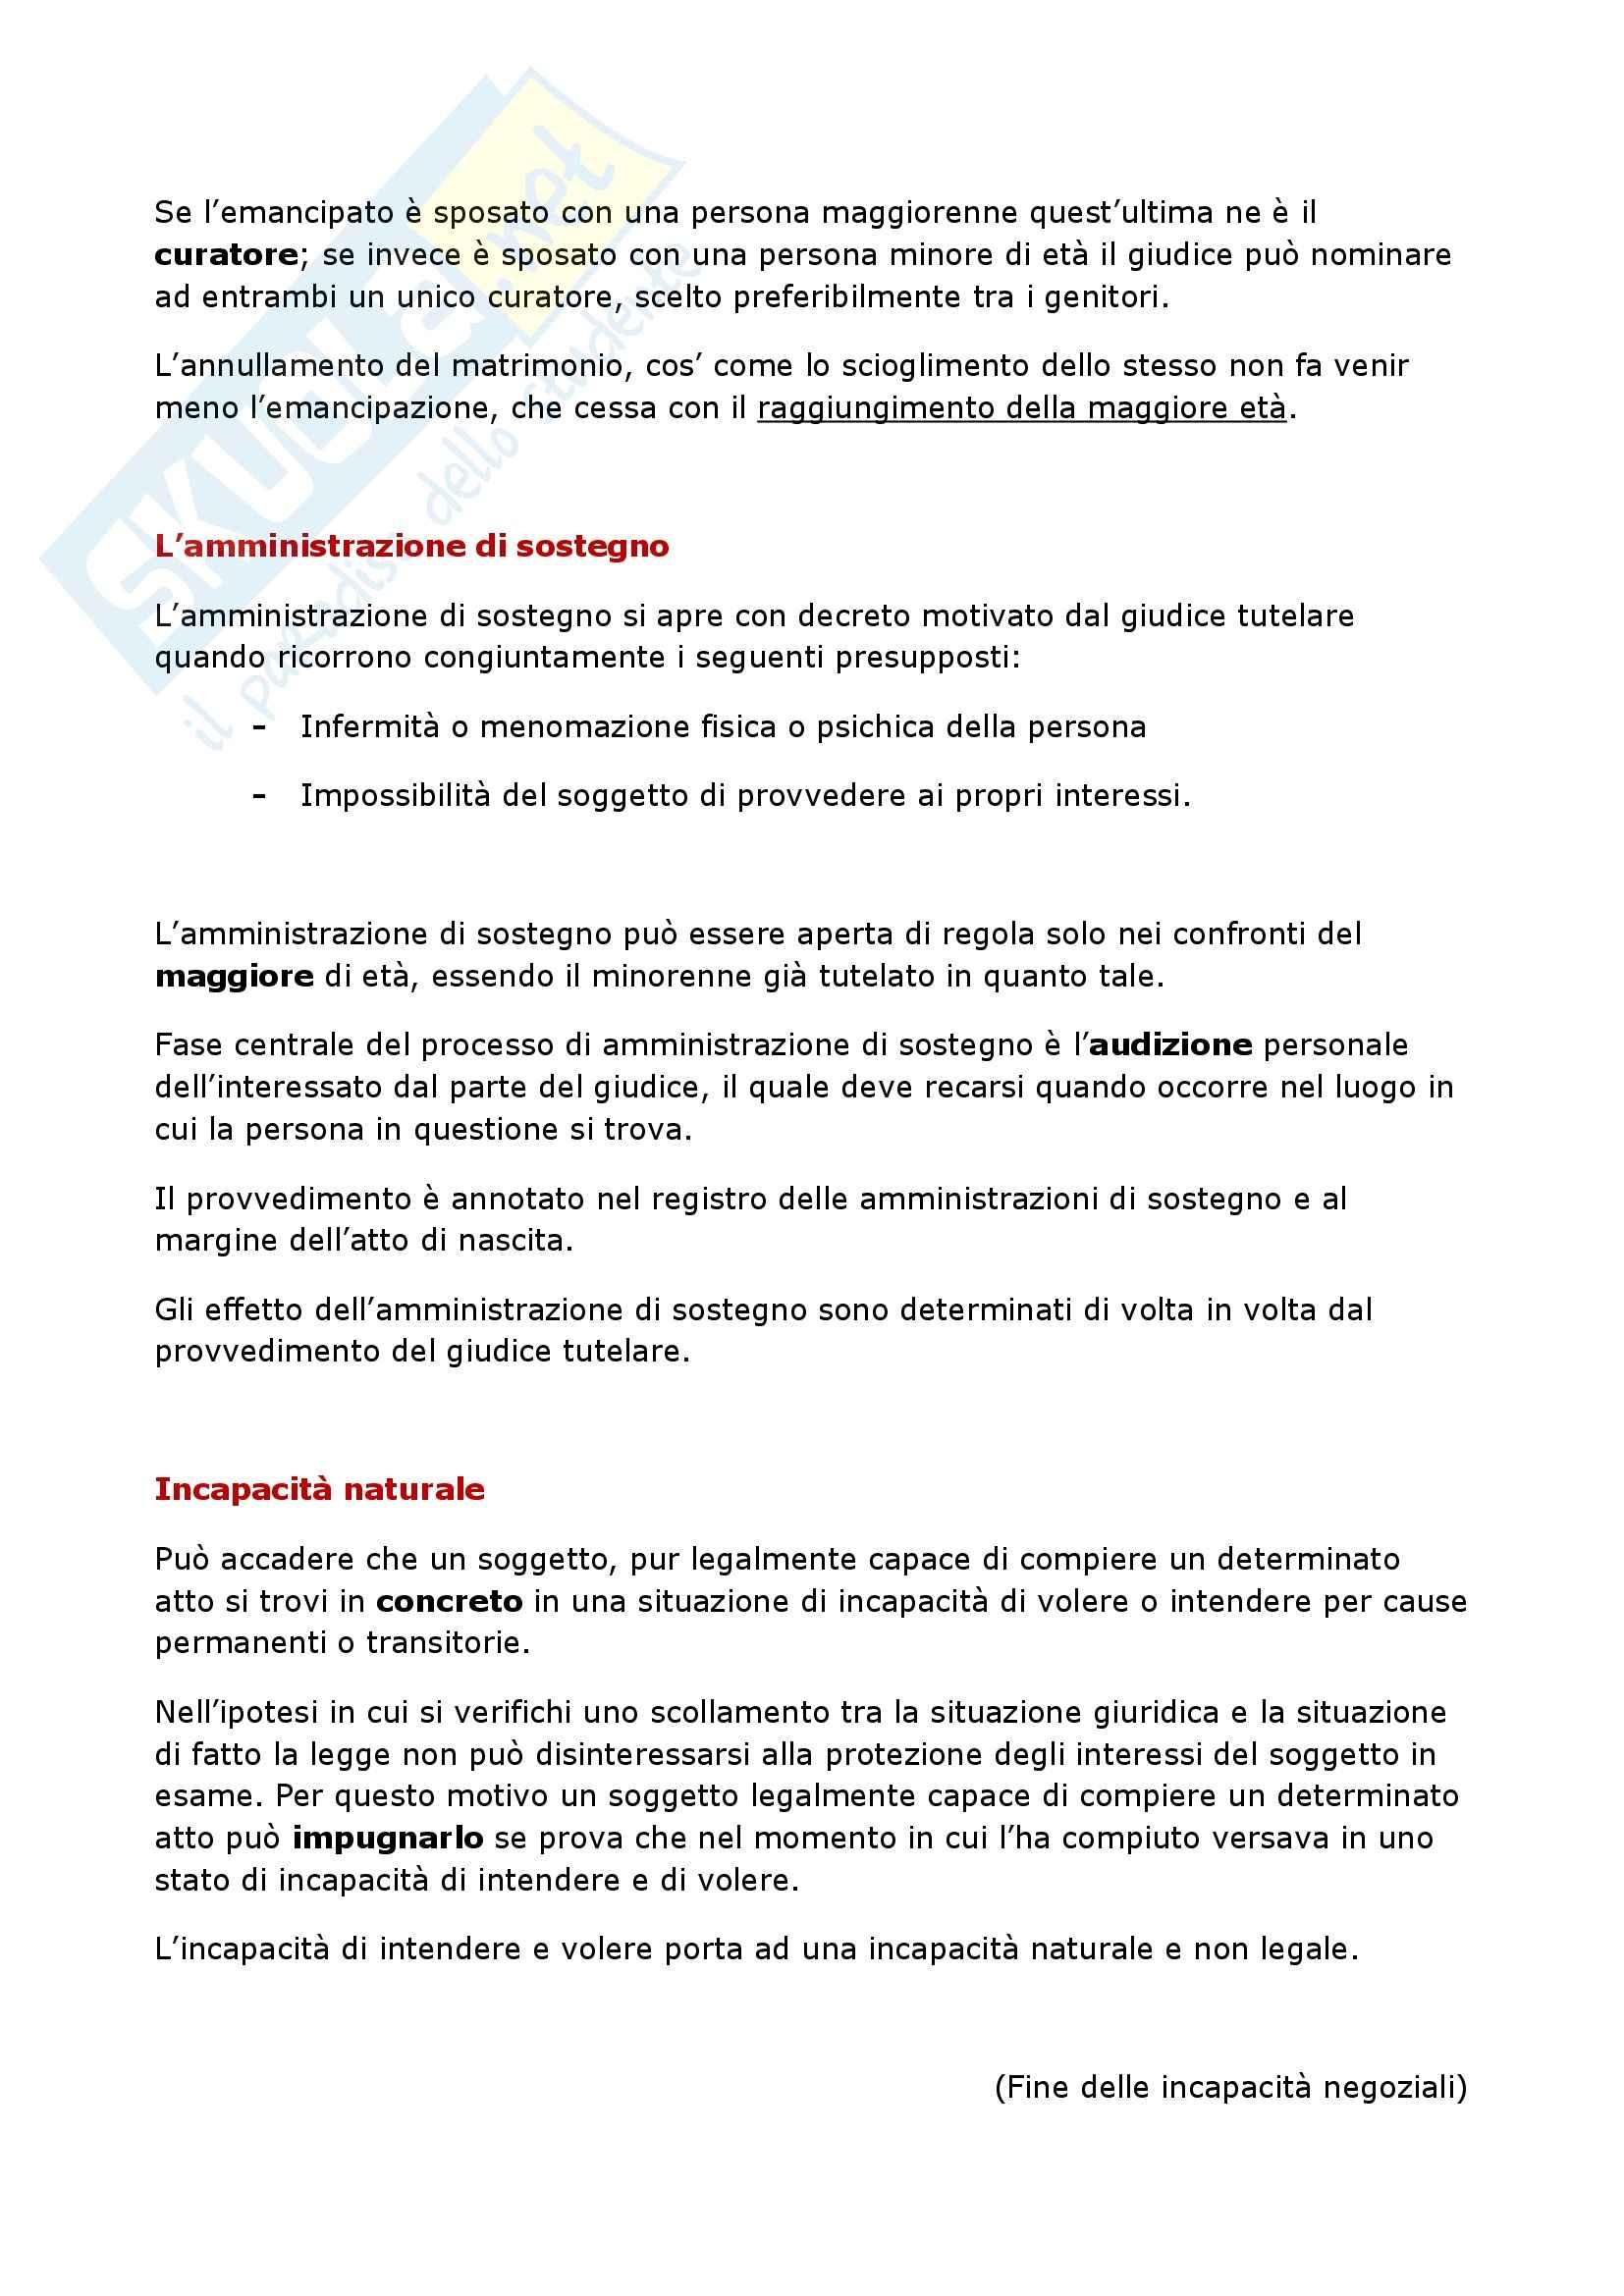 Riassunto esame Manuale di Diritto Privato, Torrente, Schlesinger, prof. Stefini Pag. 26